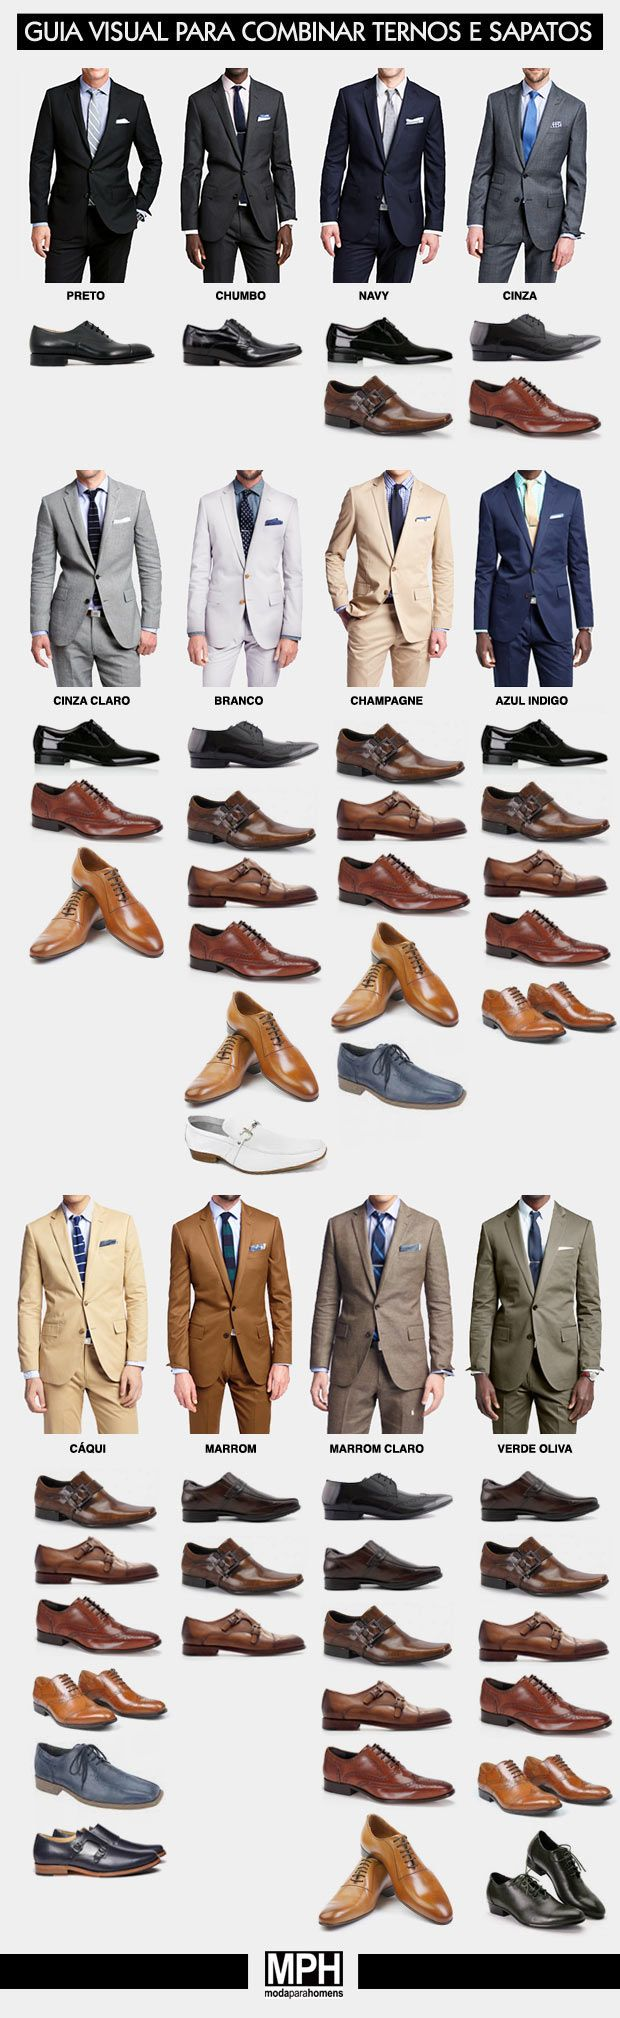 La tienda online brasileña de moda masculina 'Moda para Homens' ha creado una infografía que muestra los zapatos adecuados para cada traje según su color.